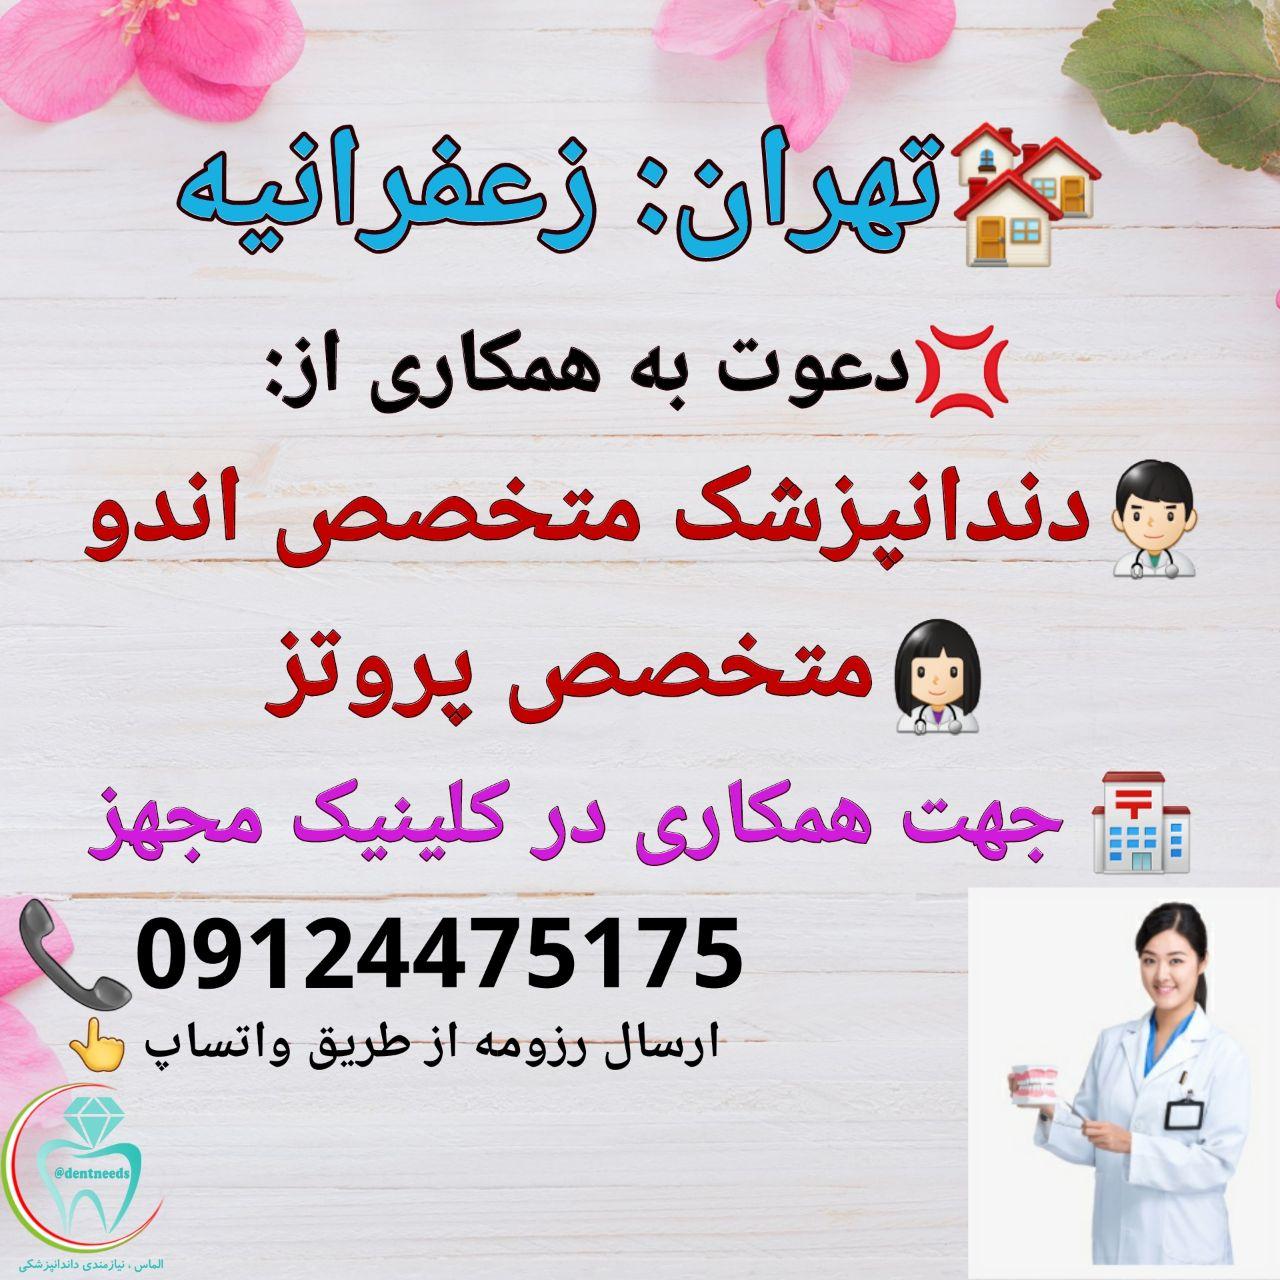 تهران: زعفرانیه، دعوت به همکاری از دندانپزشک متخصص اندو، متخصص پروتز